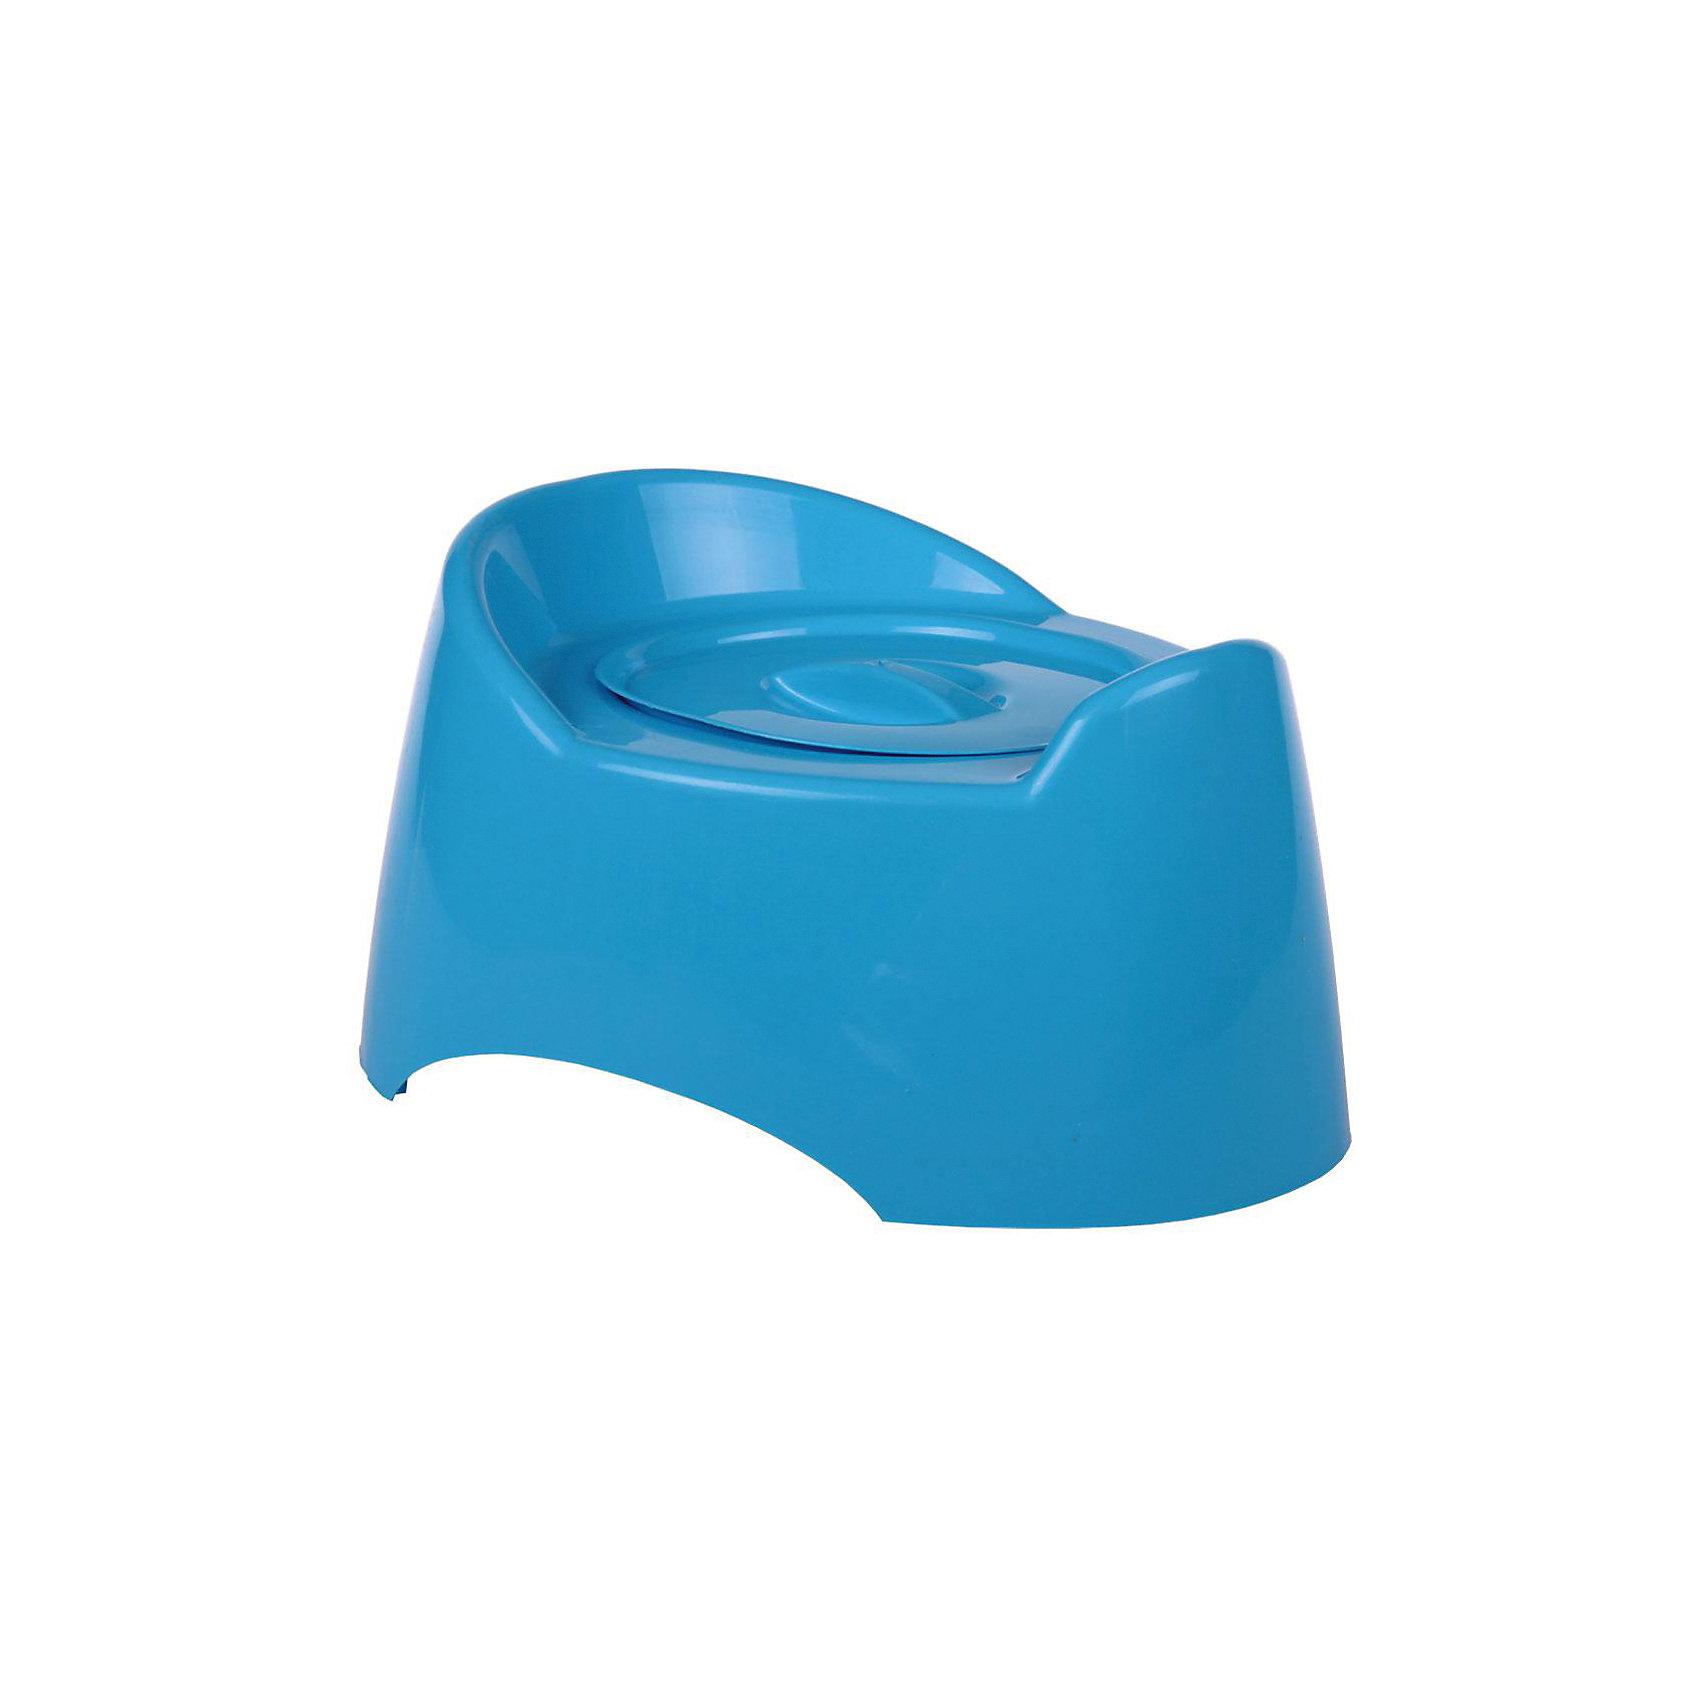 Горшок туалетный Малышок с крыш., Alternativa, голубой